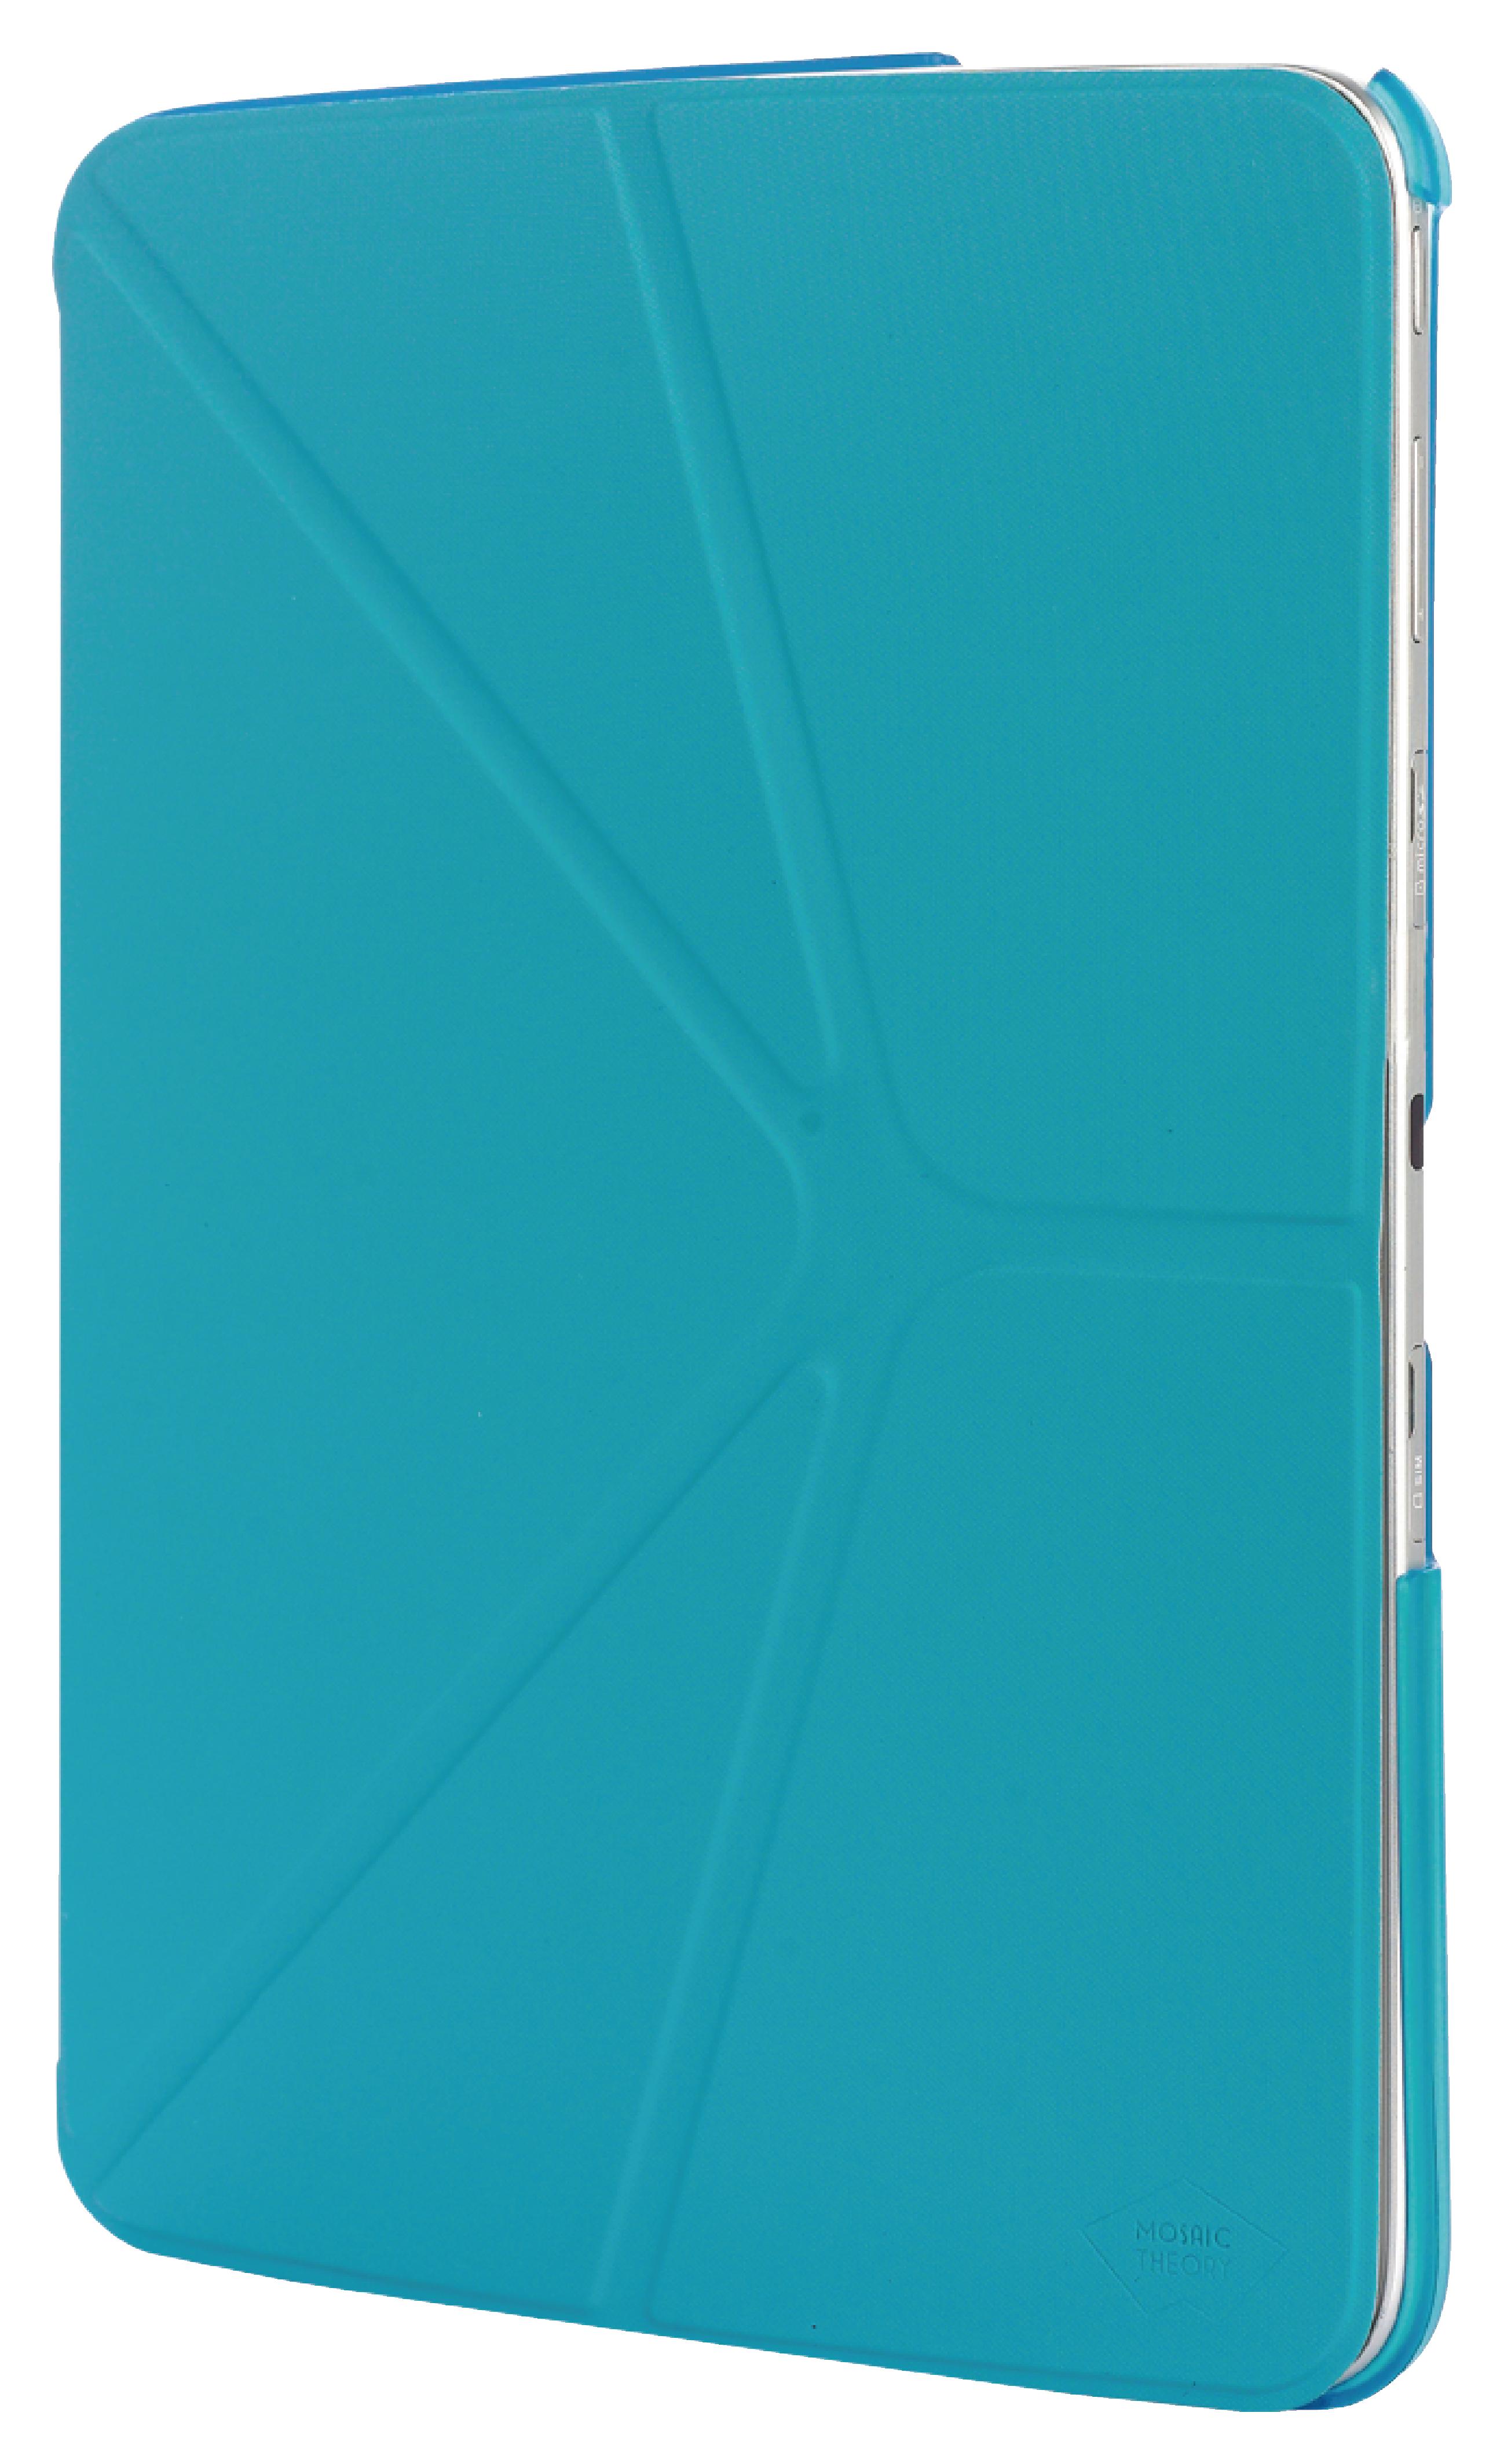 """Billede af Tablet Folie Samsung Galaxy Tab 3 10.1"""" Blå"""